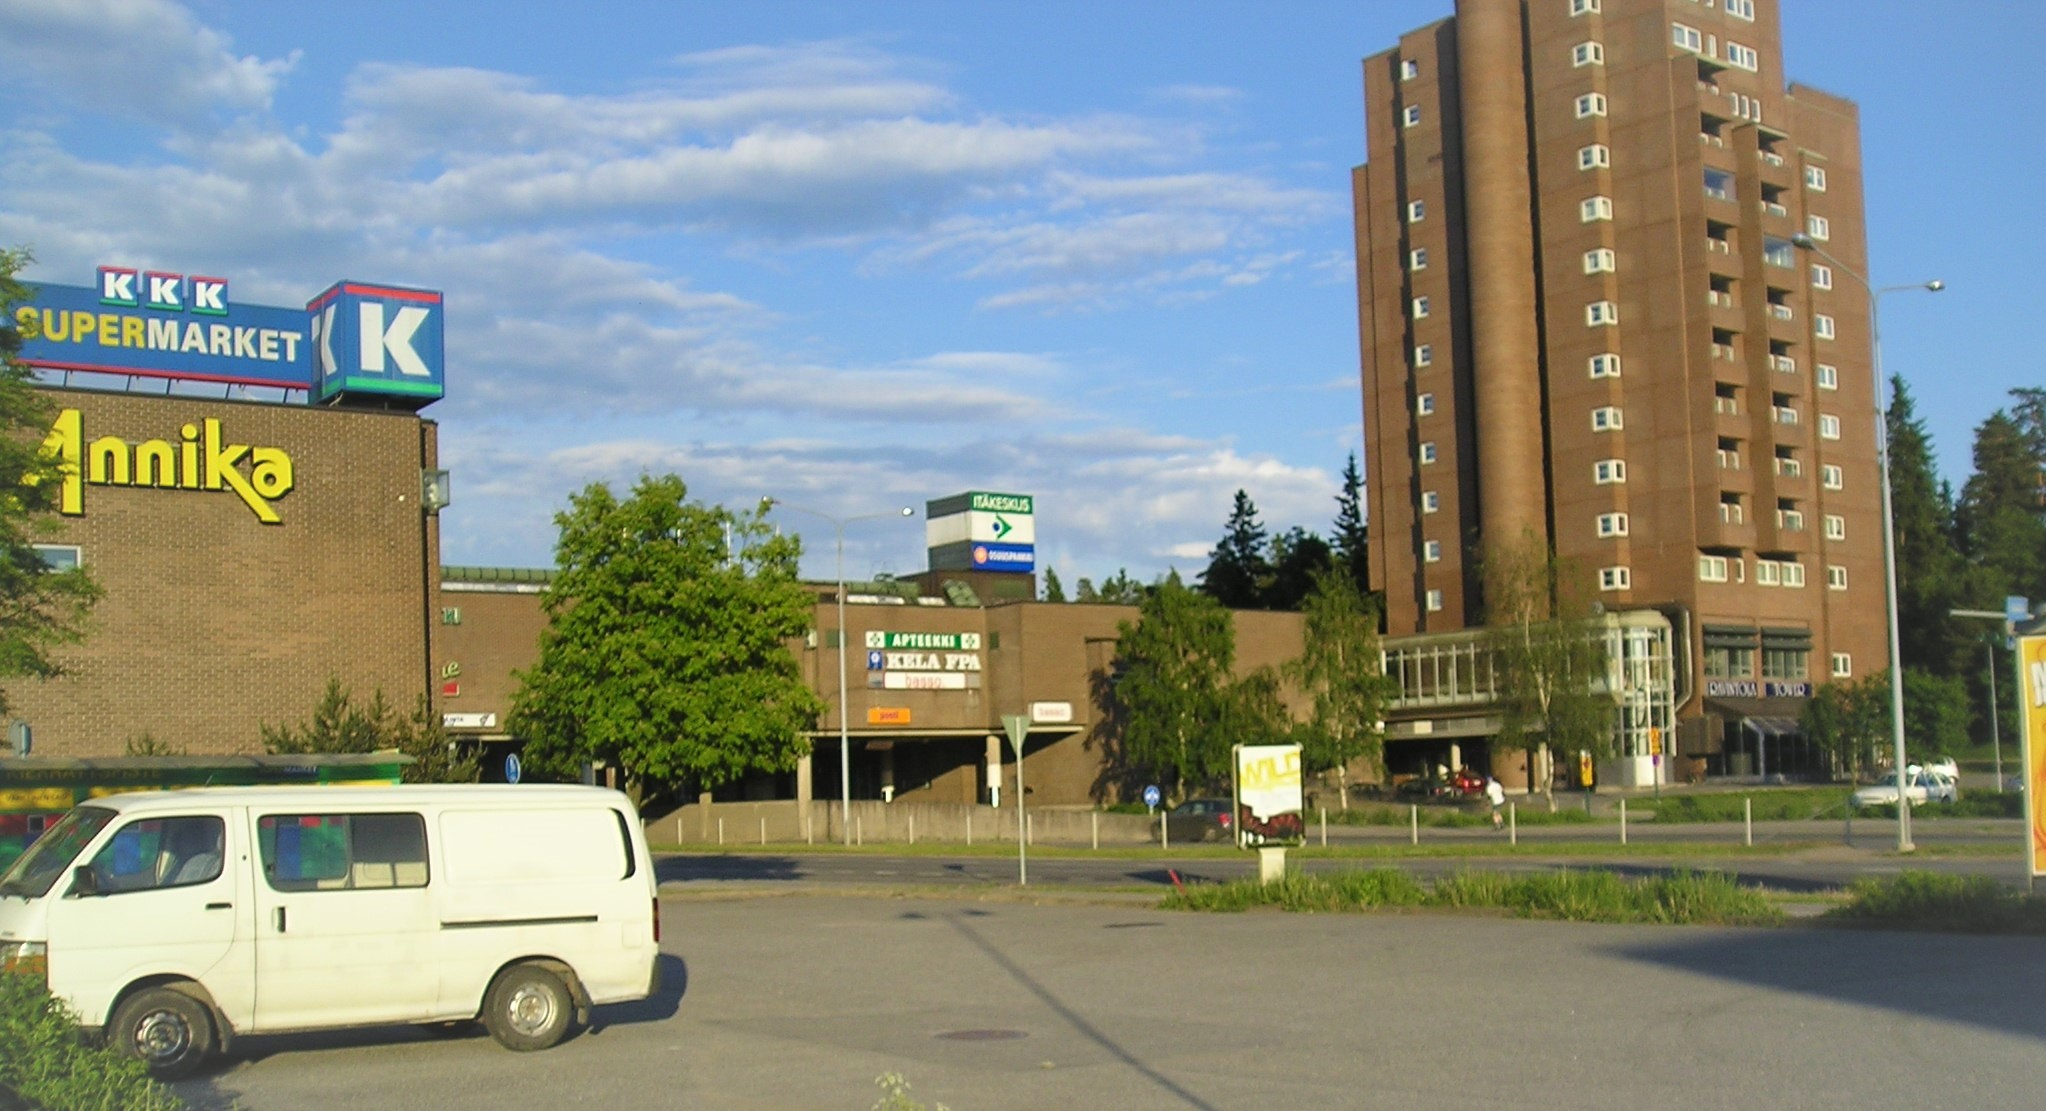 Näkymä vanhan kauppakeskuksen parkkipaikalle, jossa parkkeerattuna on vaalea pakettiauto. Kauppakeskuksessa näkyy isolla K-supermarketin ja Kelan logot. Vieressä on ruskeasta tiilistä rakennettu kerrostalo.